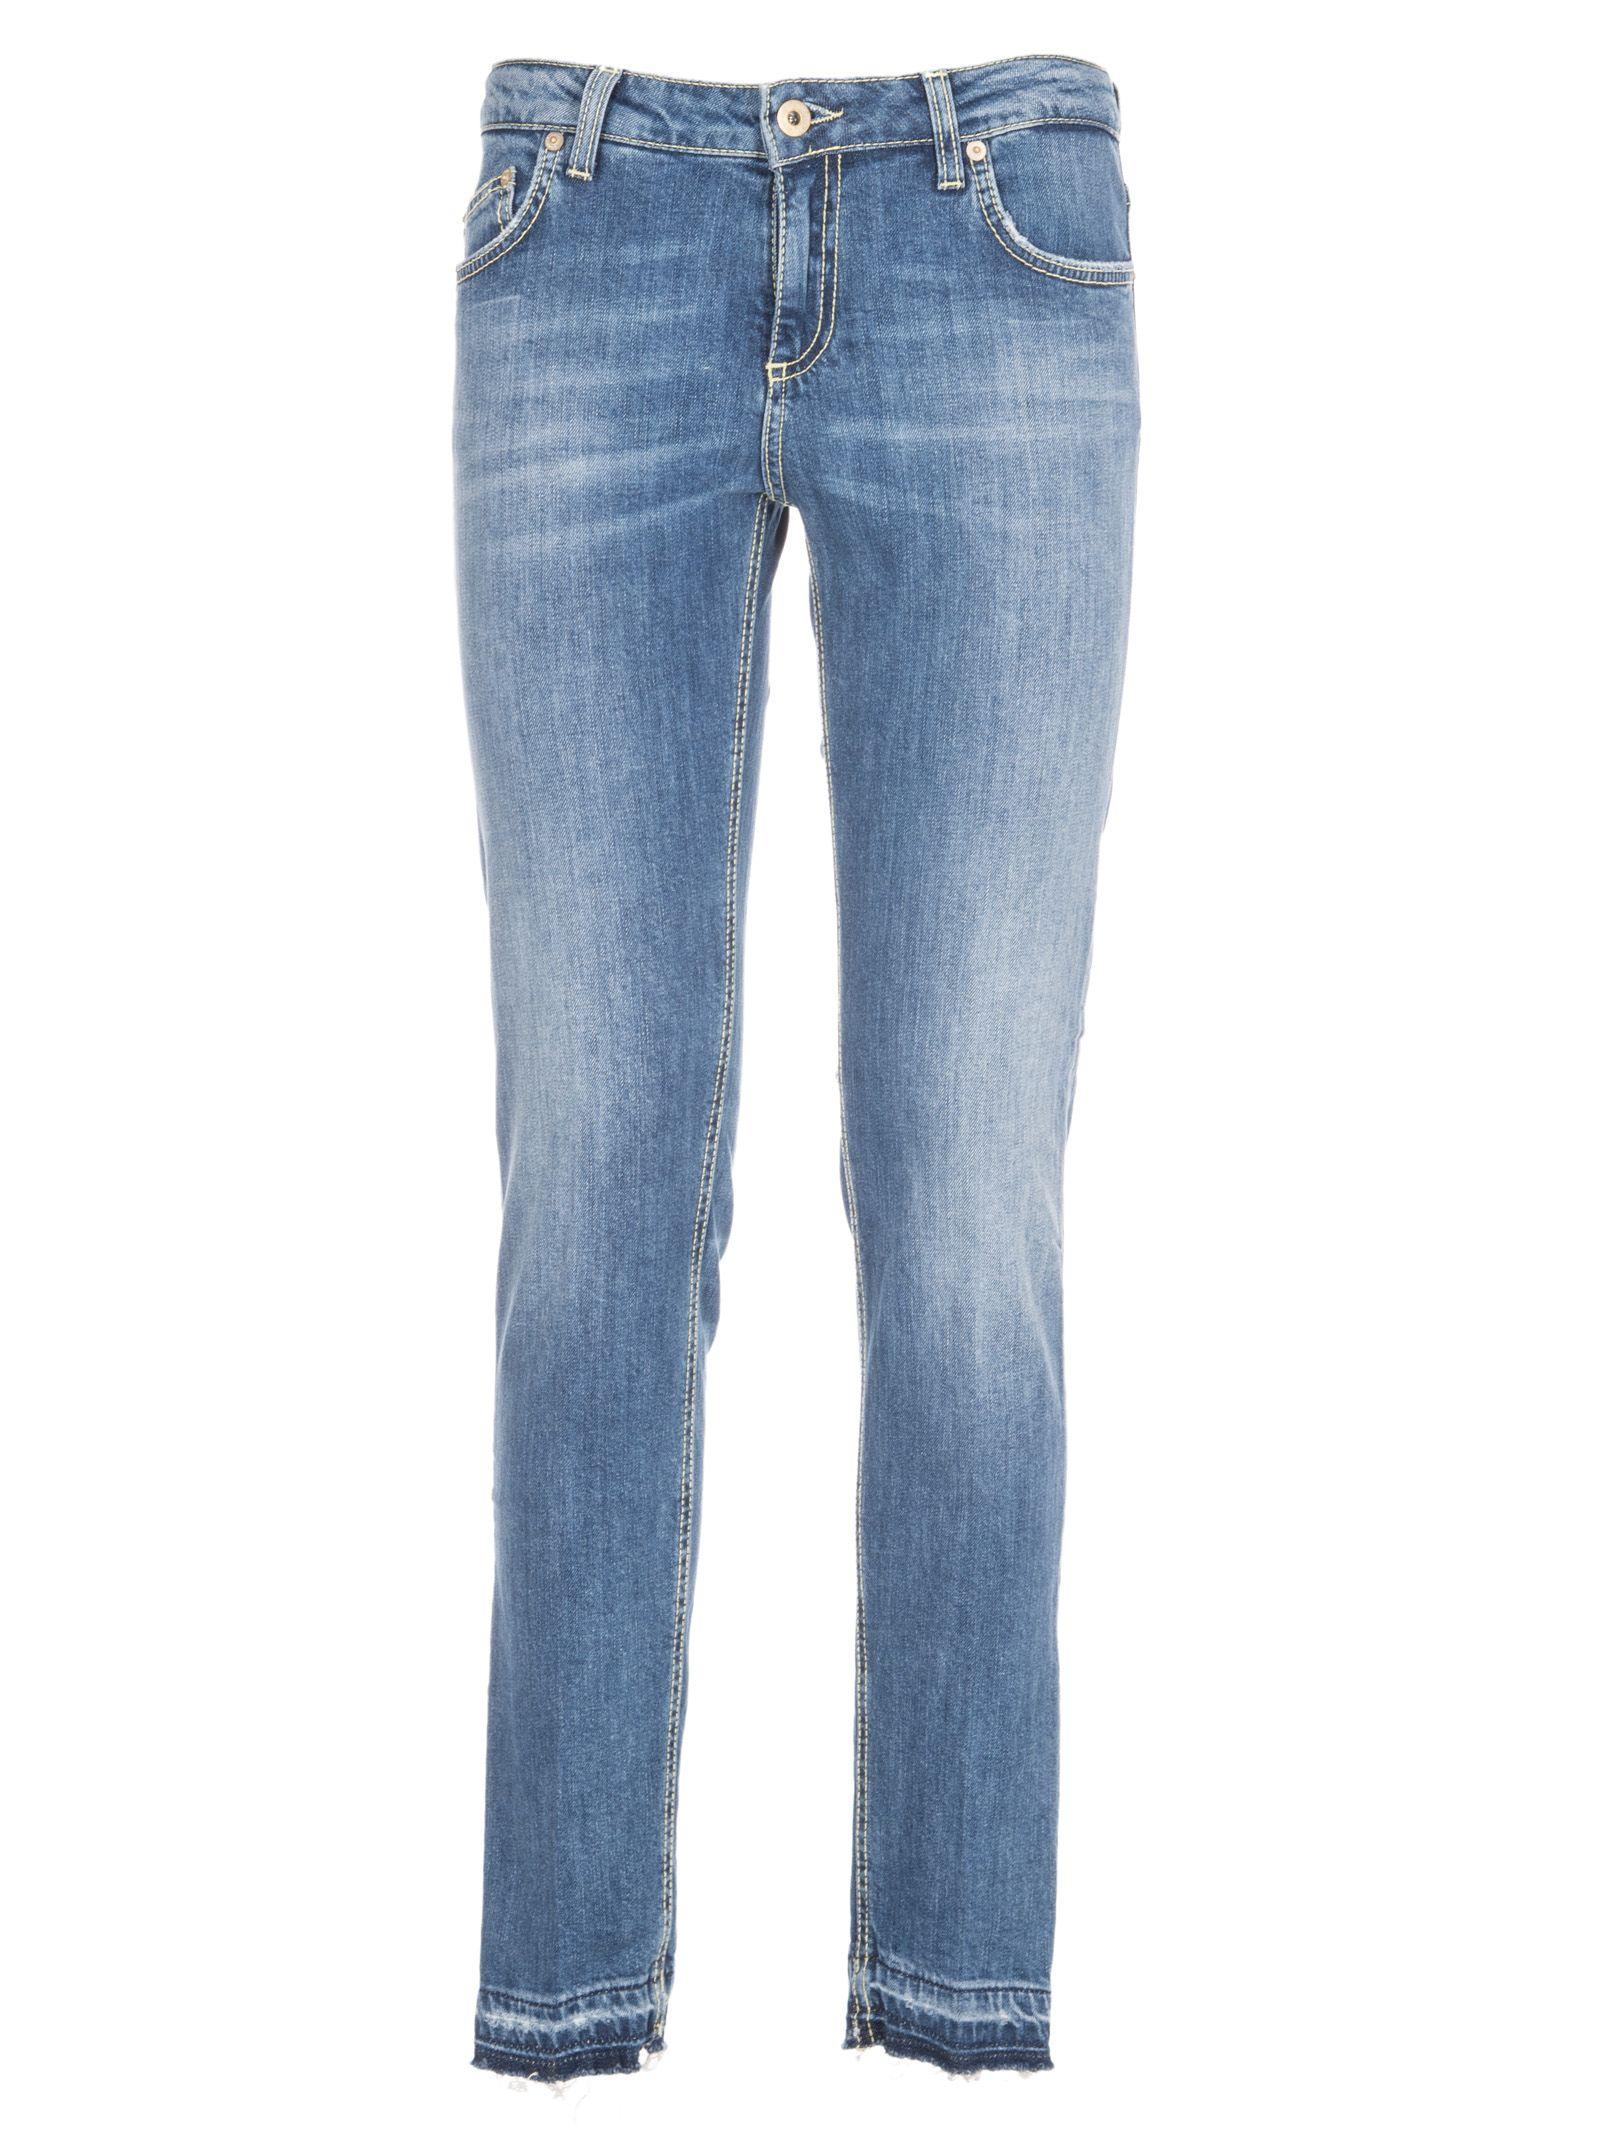 Bakony jeans trousers - Blue Dondup 8z2M03j4U